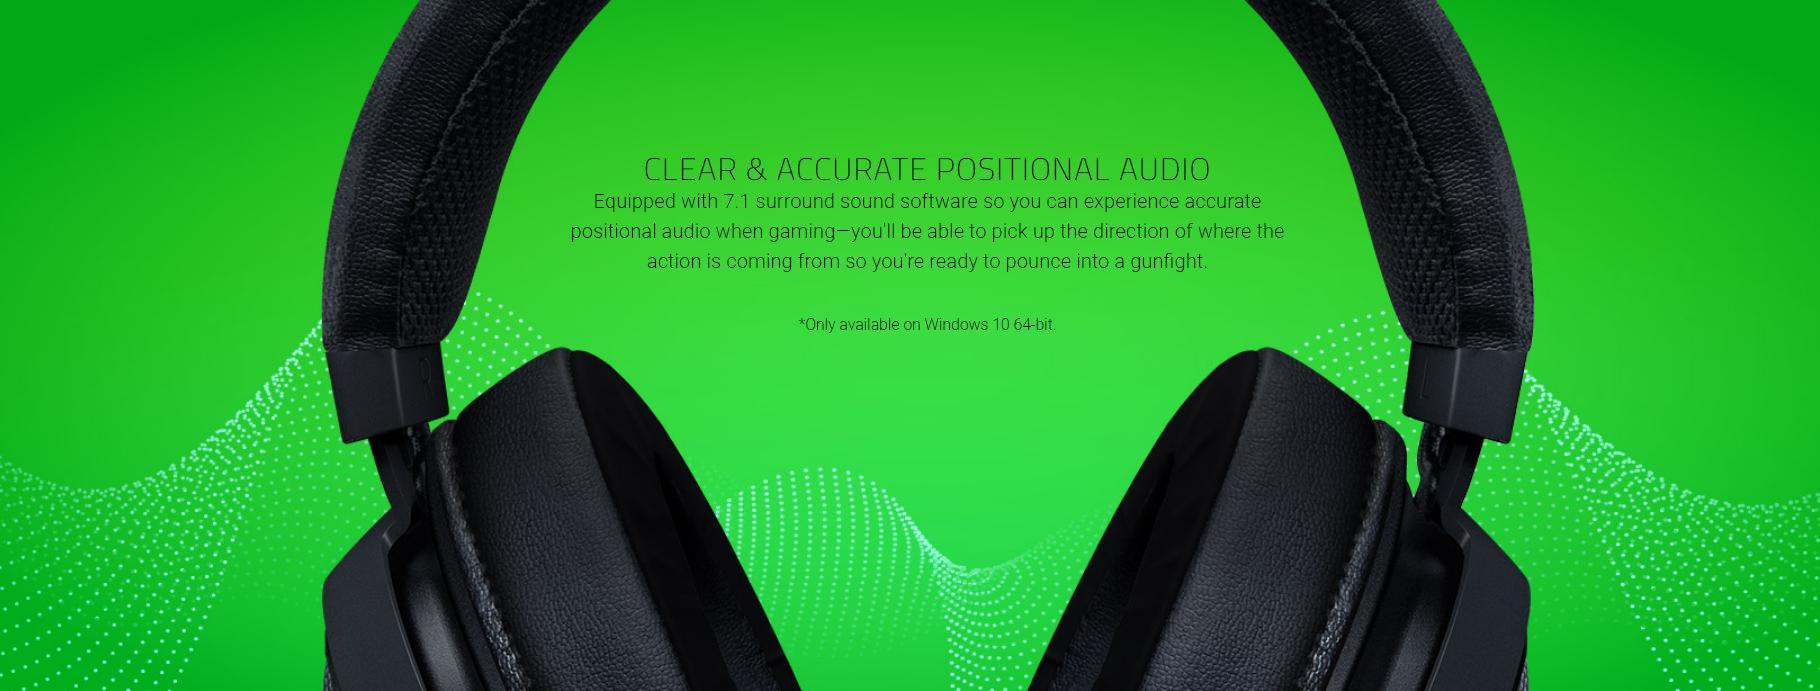 Tai nghe Razer Kraken Multi-Platform Wired Mercury RZ04-02830400-R3M1 tích hợp công nghệ âm thanh vòm